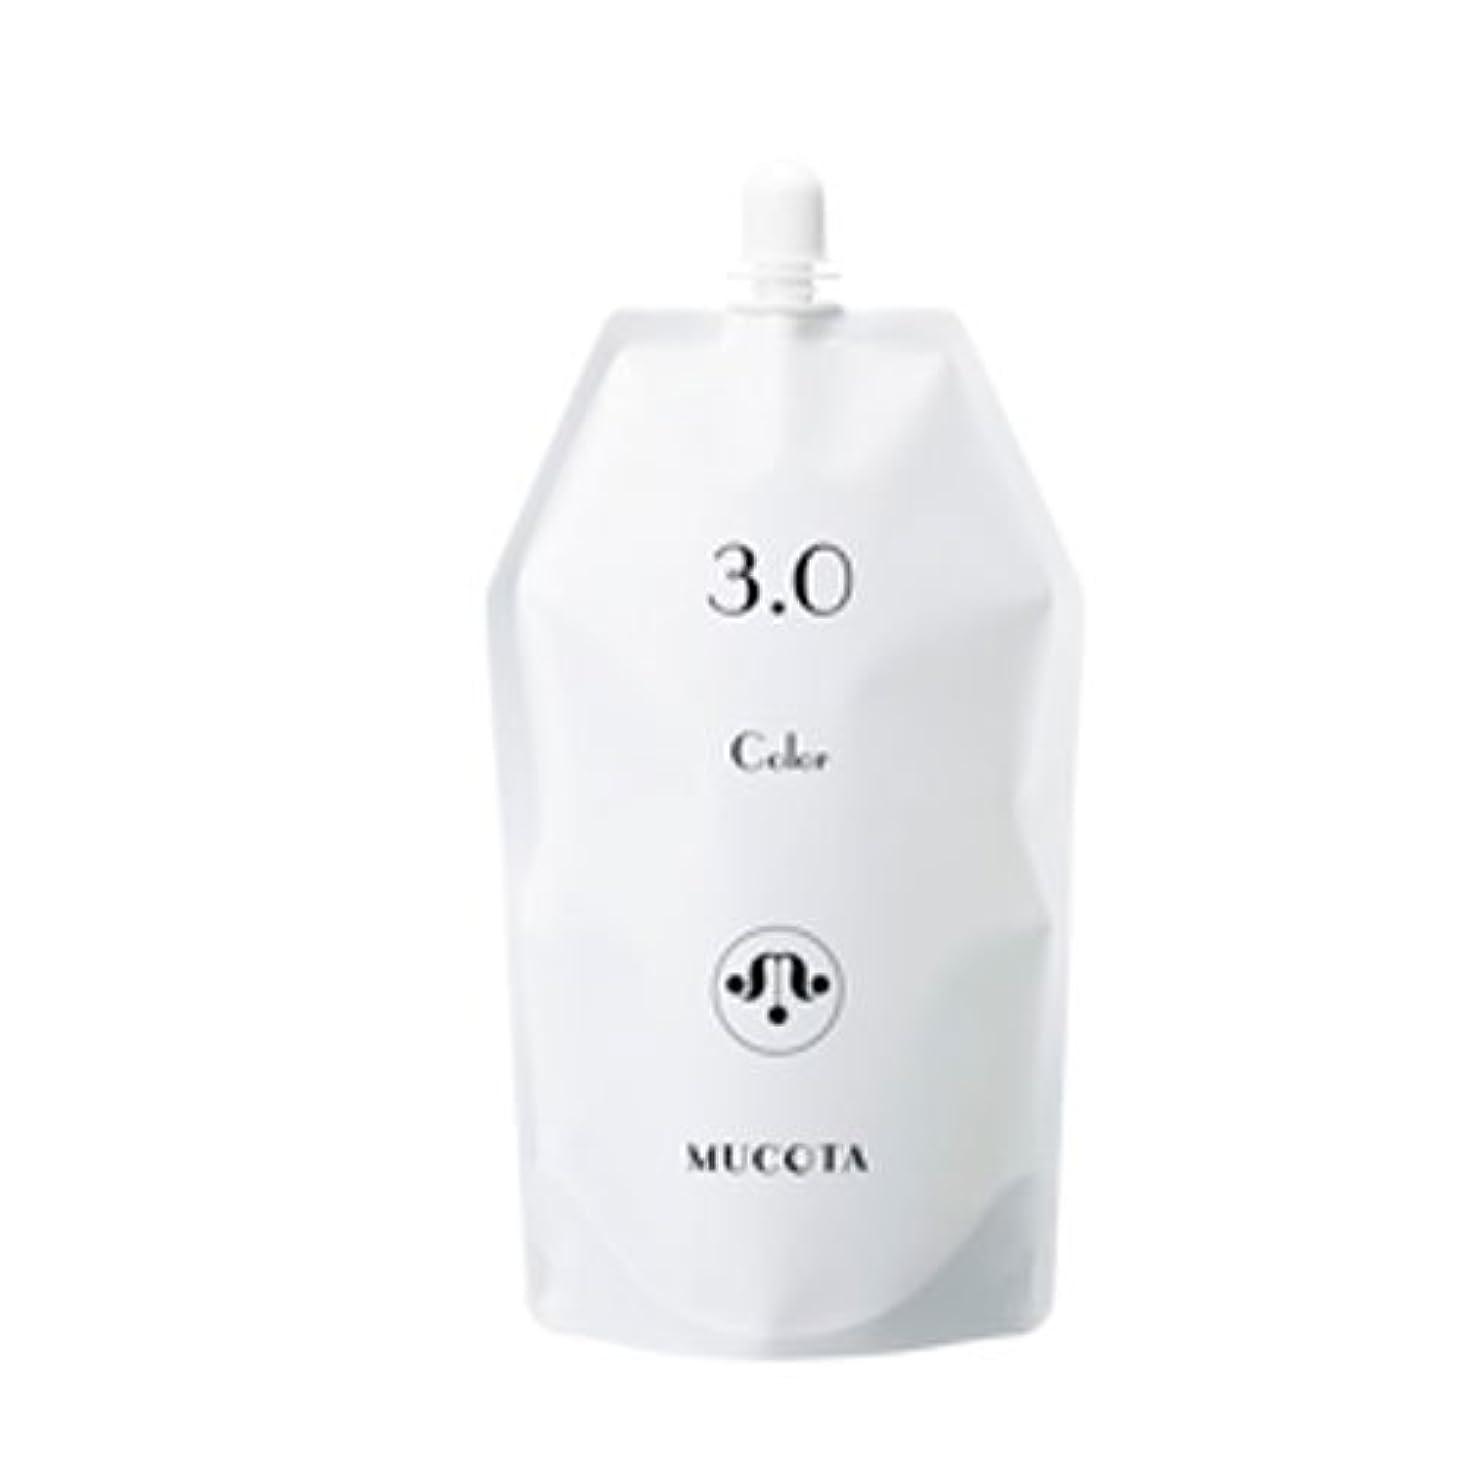 わざわざ樹皮スティックムコタ ヘアカラー OX(3.0%/4.5%/6.0%) 各 1000ml【2剤】【オキシー】【グレイカラー?白髪染め】 (OX 3.0%)